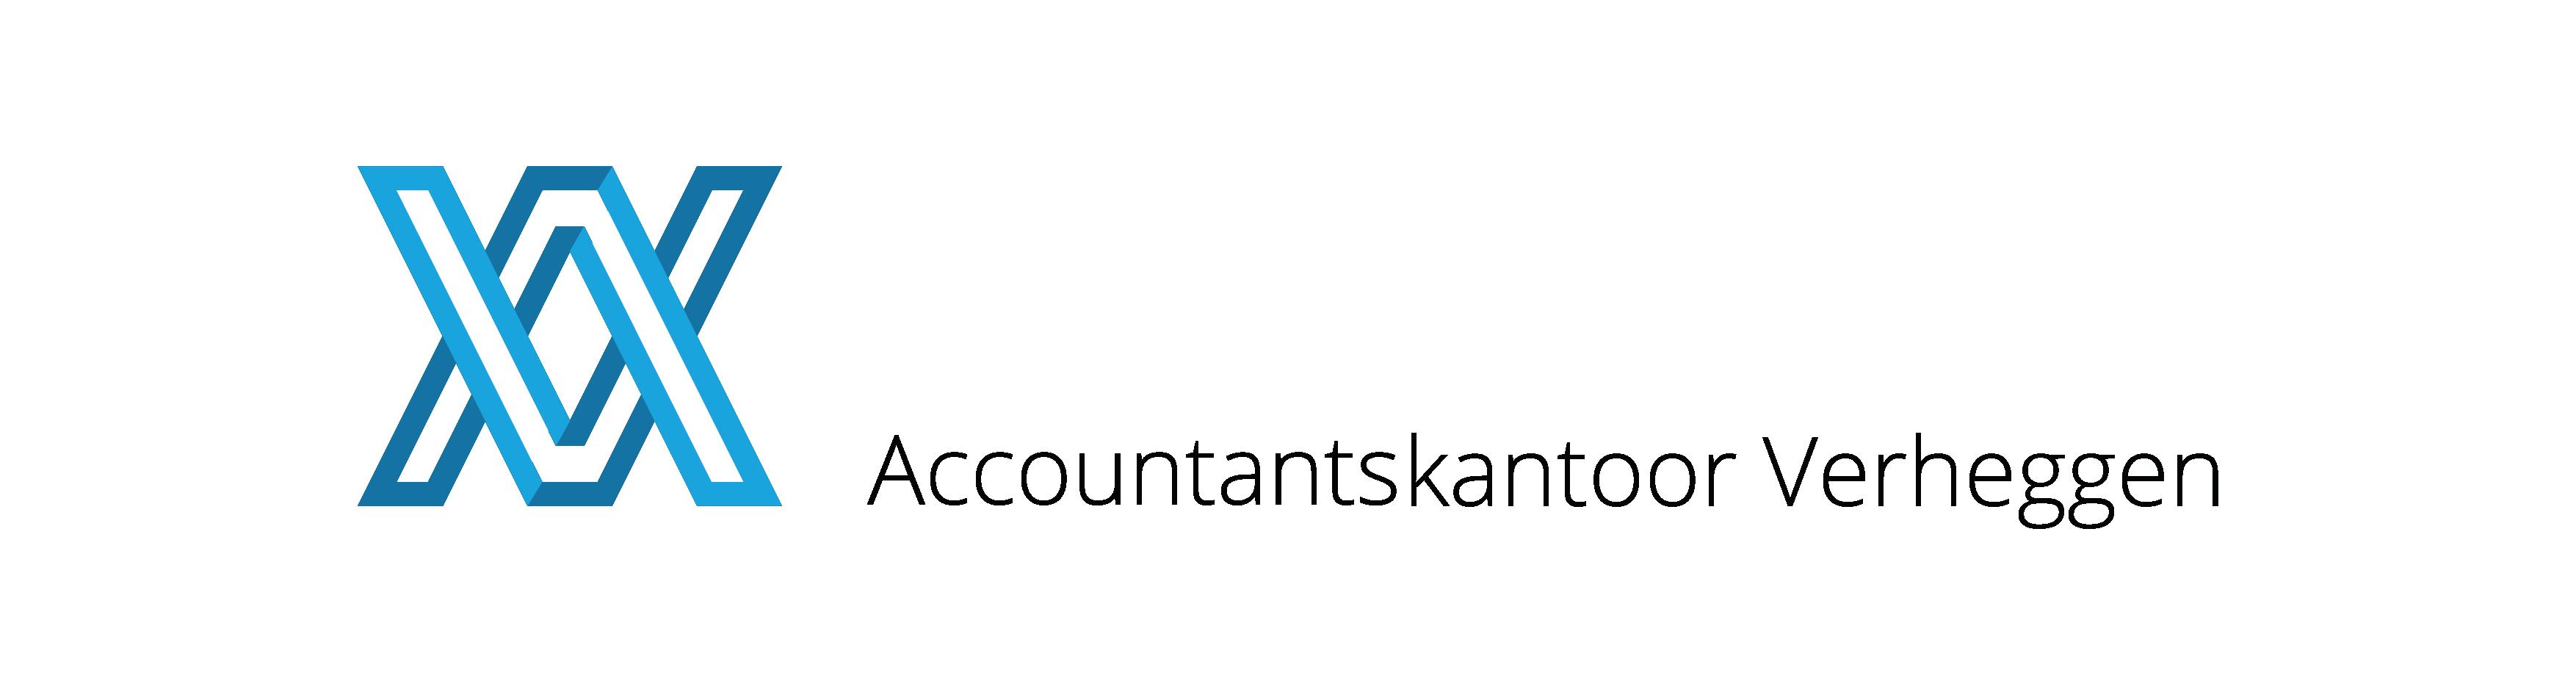 Accountantskantoor Verheggen